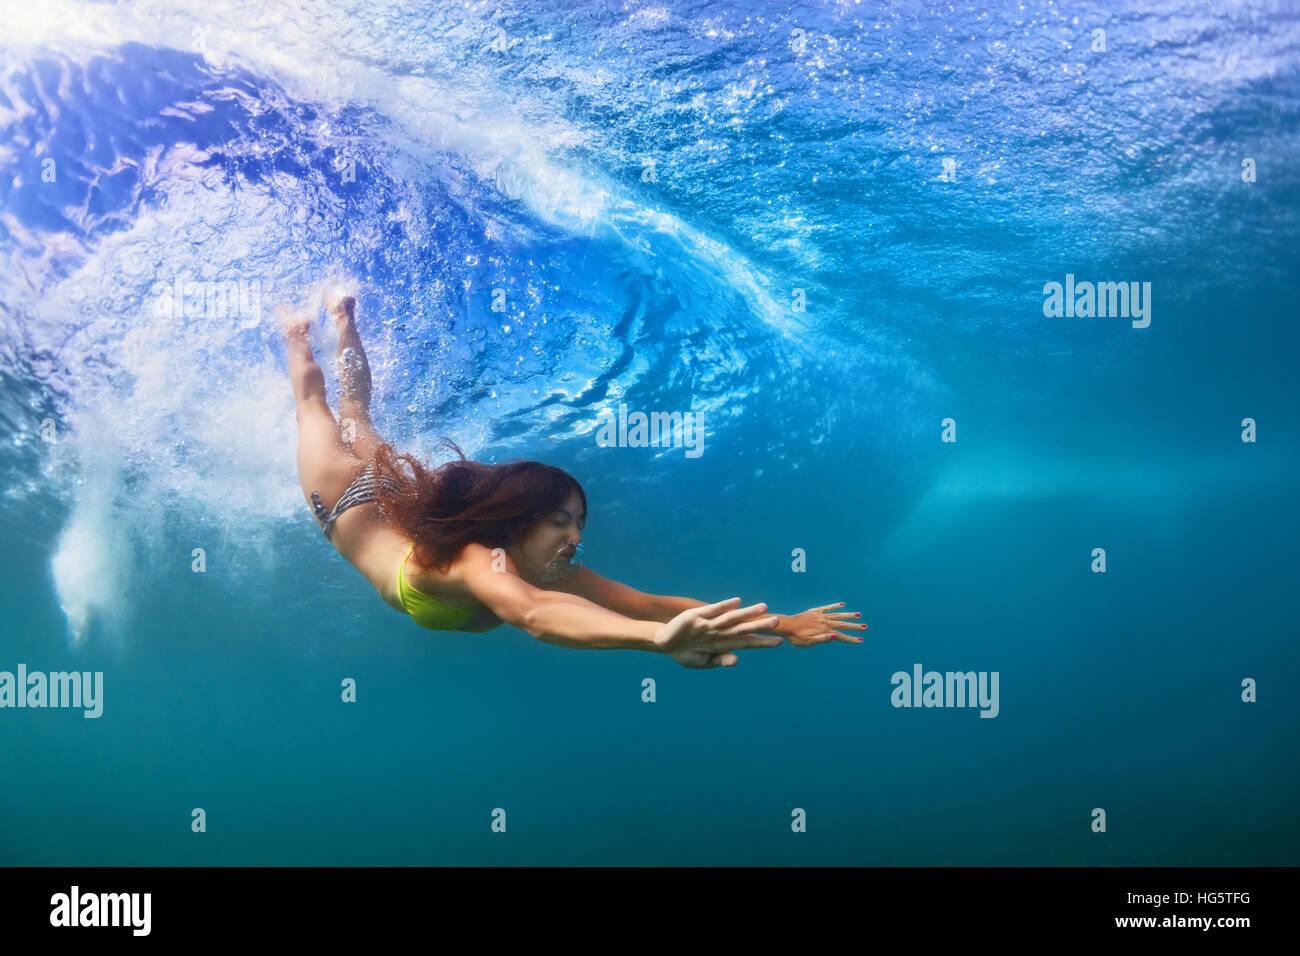 Giovane ragazza sportive in bikini in azione. Montare donna nuotare sott'acqua, tuffarsi sotto la rottura delle Immagini Stock